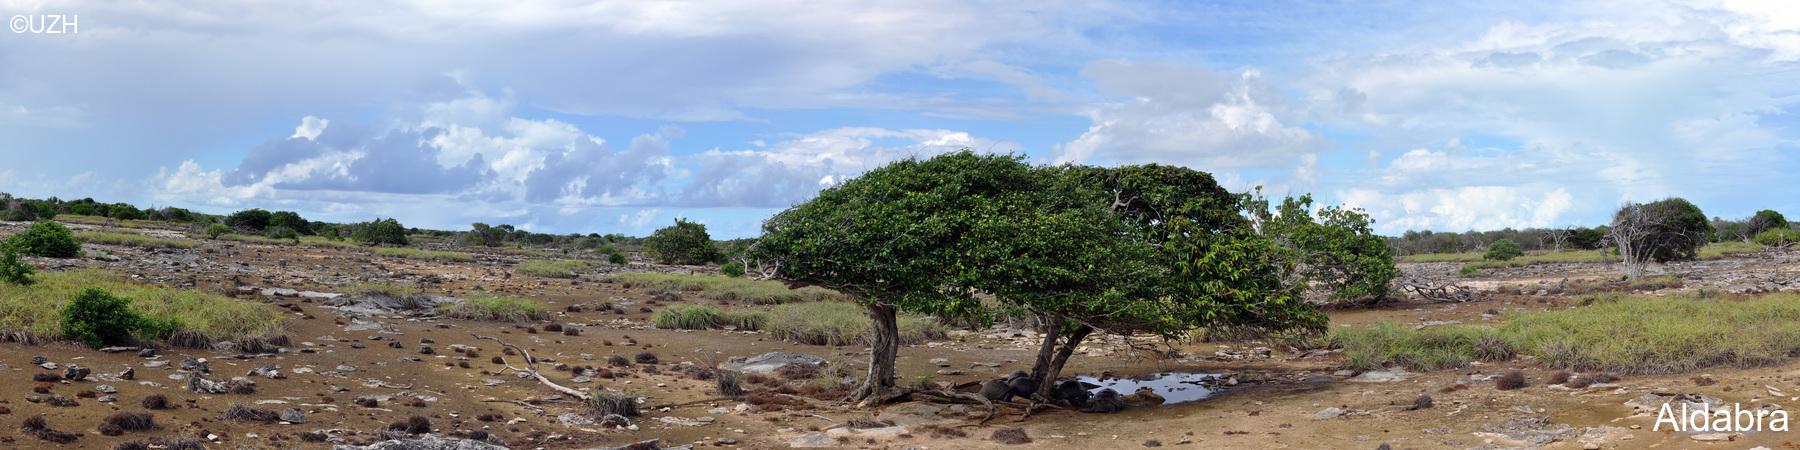 Aldabra1